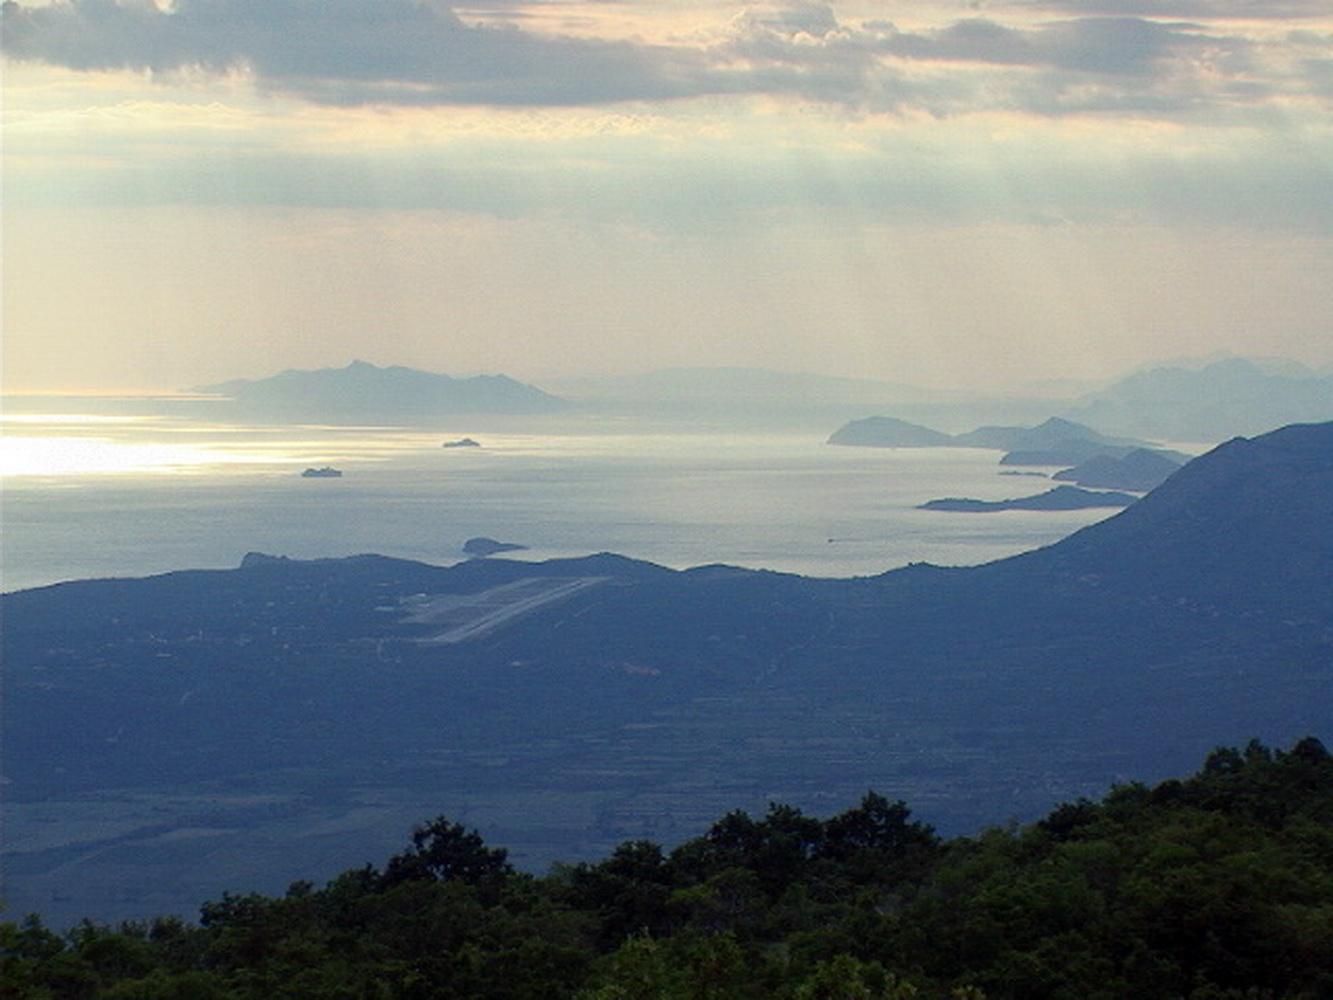 Konavle sa aerodromom, Elafiti, Mljet i Korčula, gledani sa CG strane granice u reonu Bjelotine